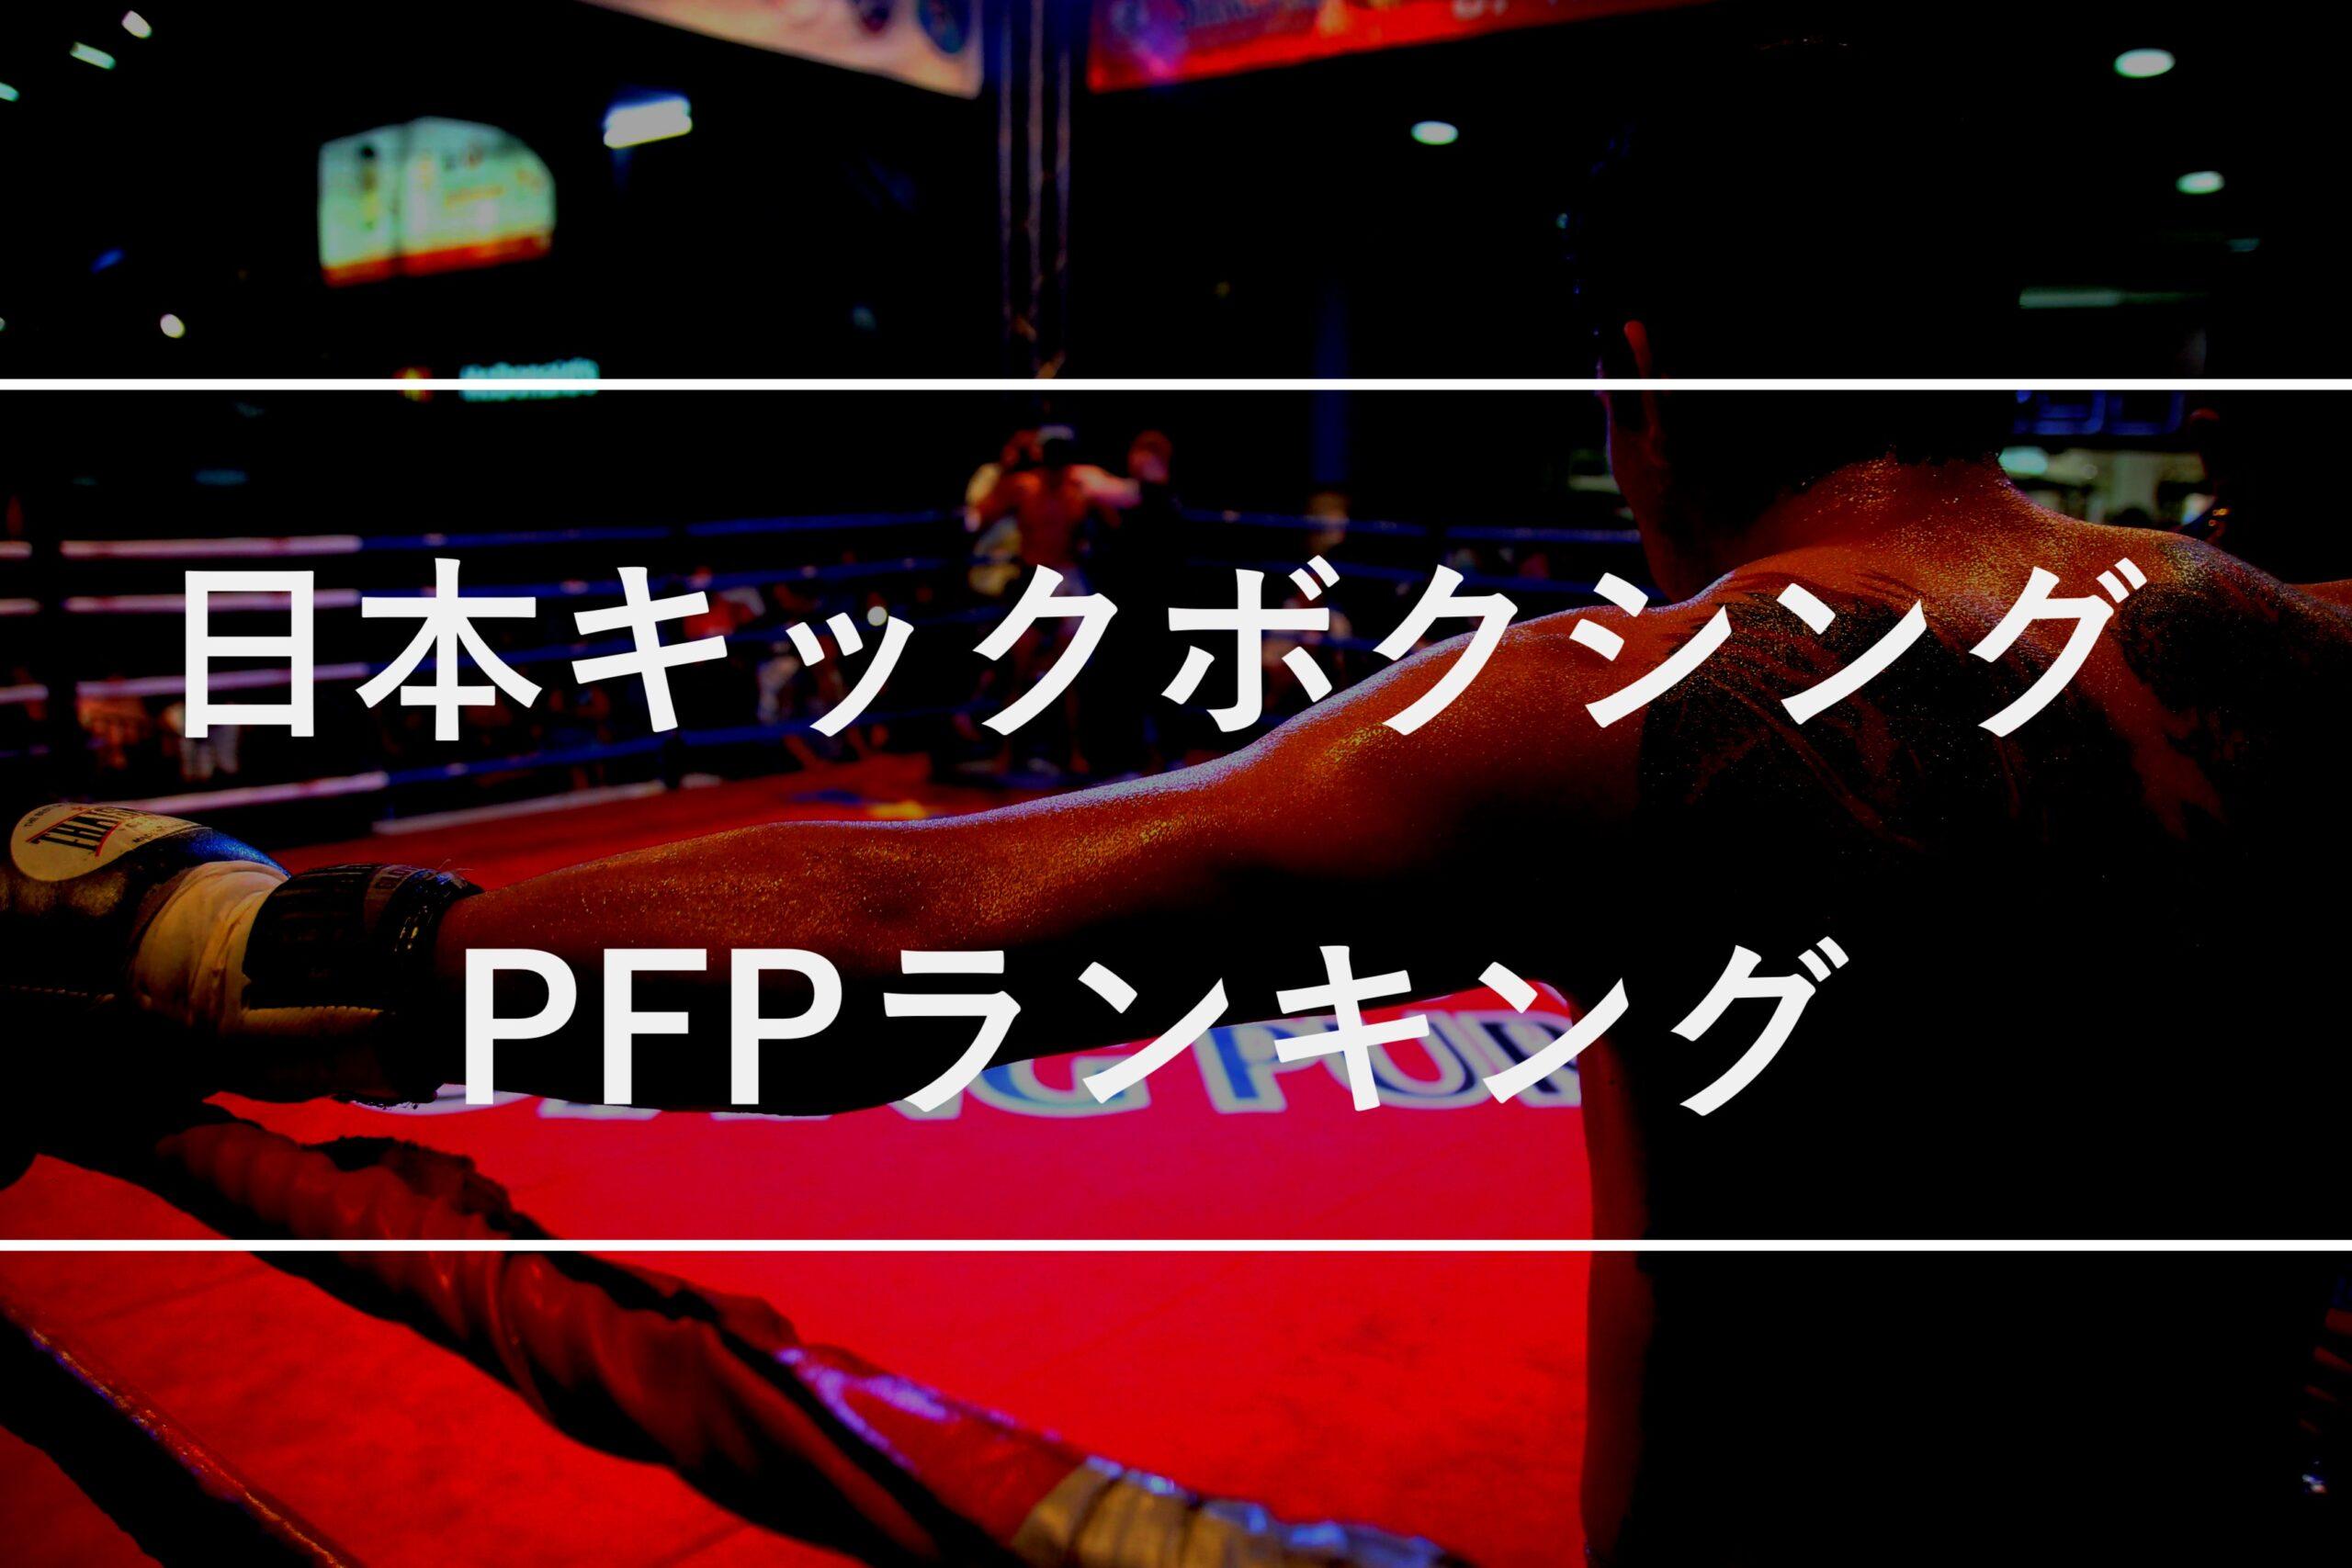 【令和】日本キックボクシング最強は?|PFPランキング